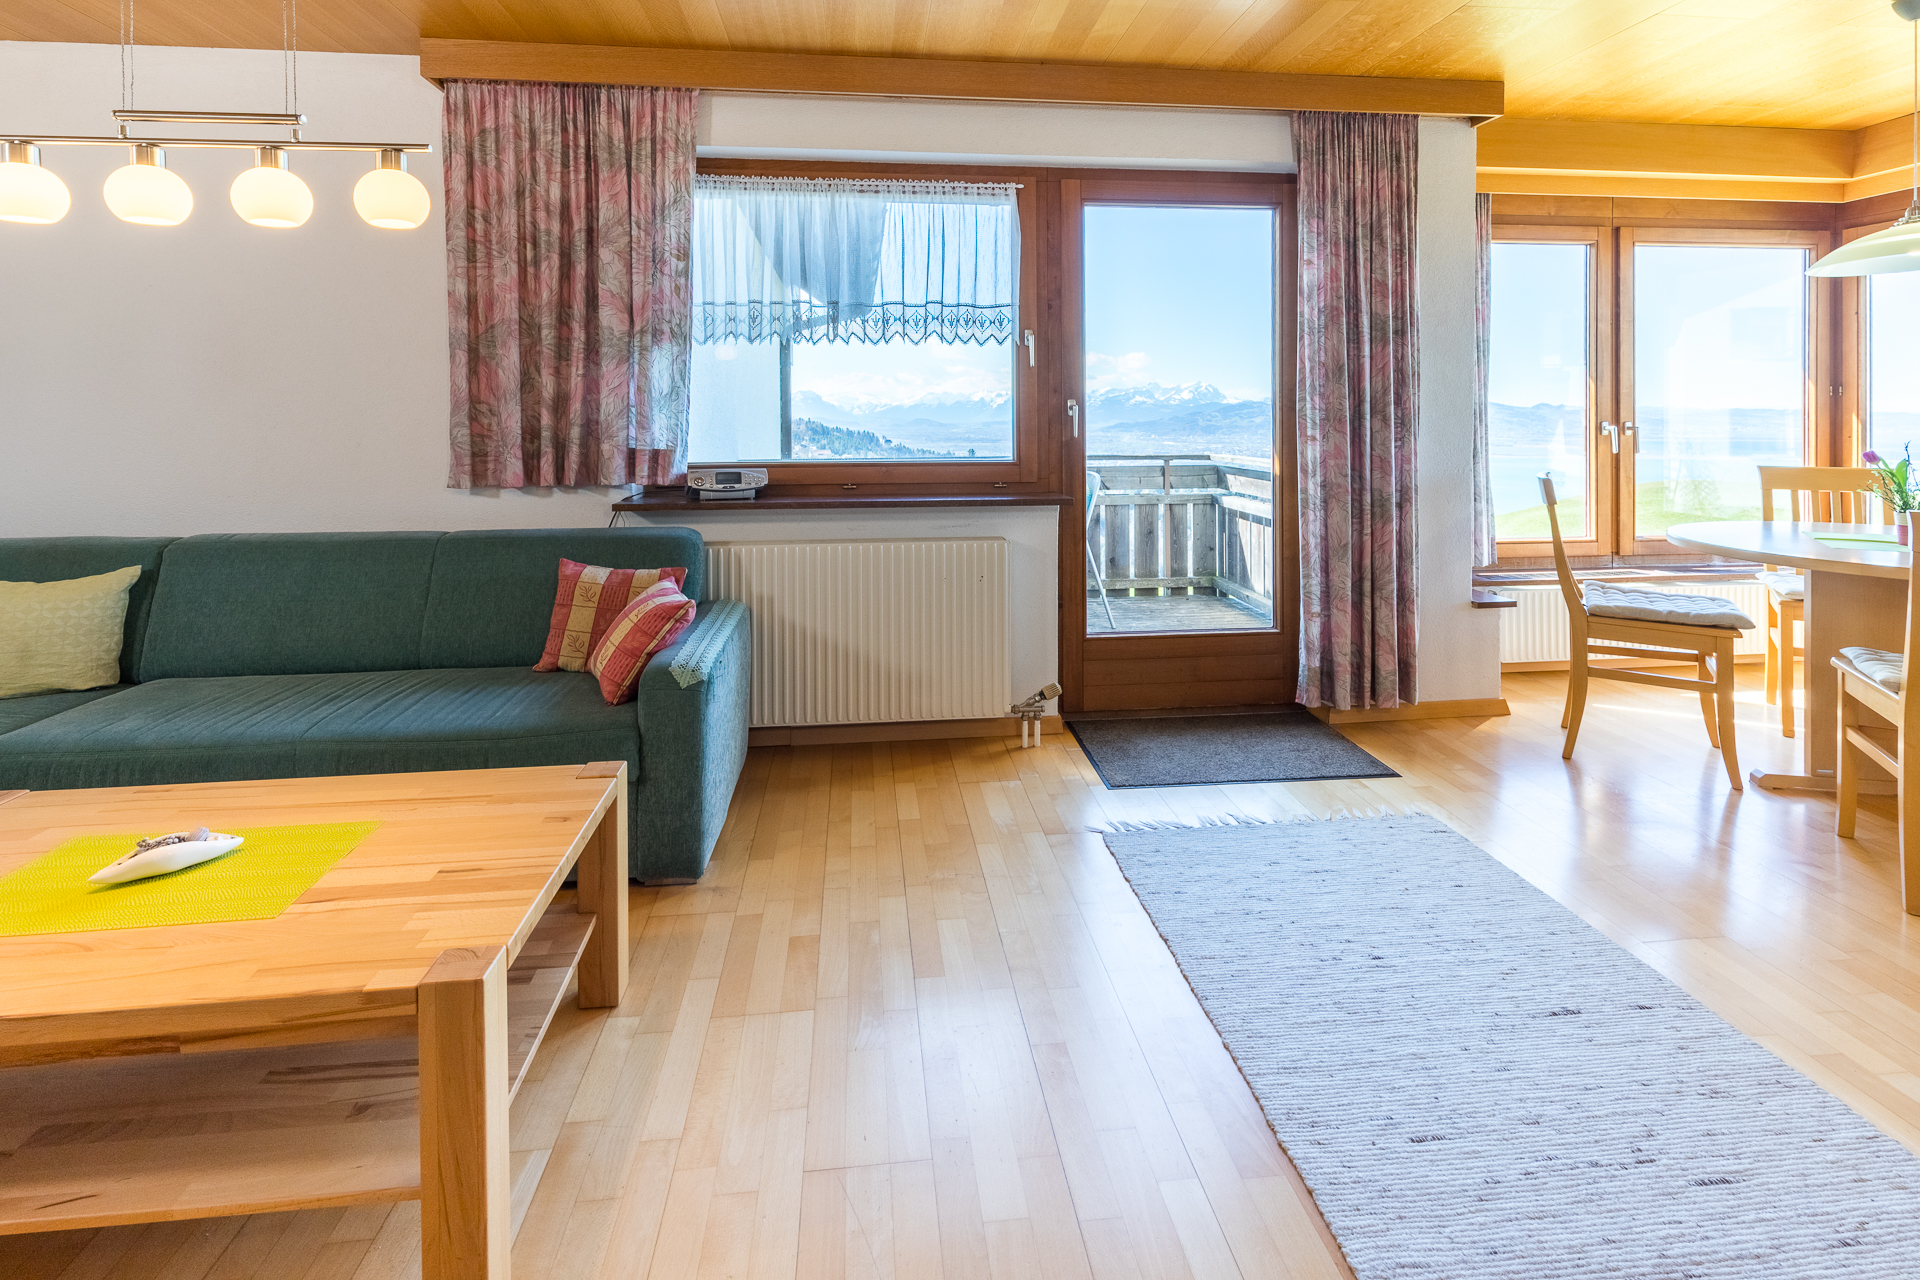 Appartement de vacances Haus Margit (Eichenberg). Große Ferienwohnung (2401564), Eichenberg (AT), Bregenz, Vorarlberg, Autriche, image 9